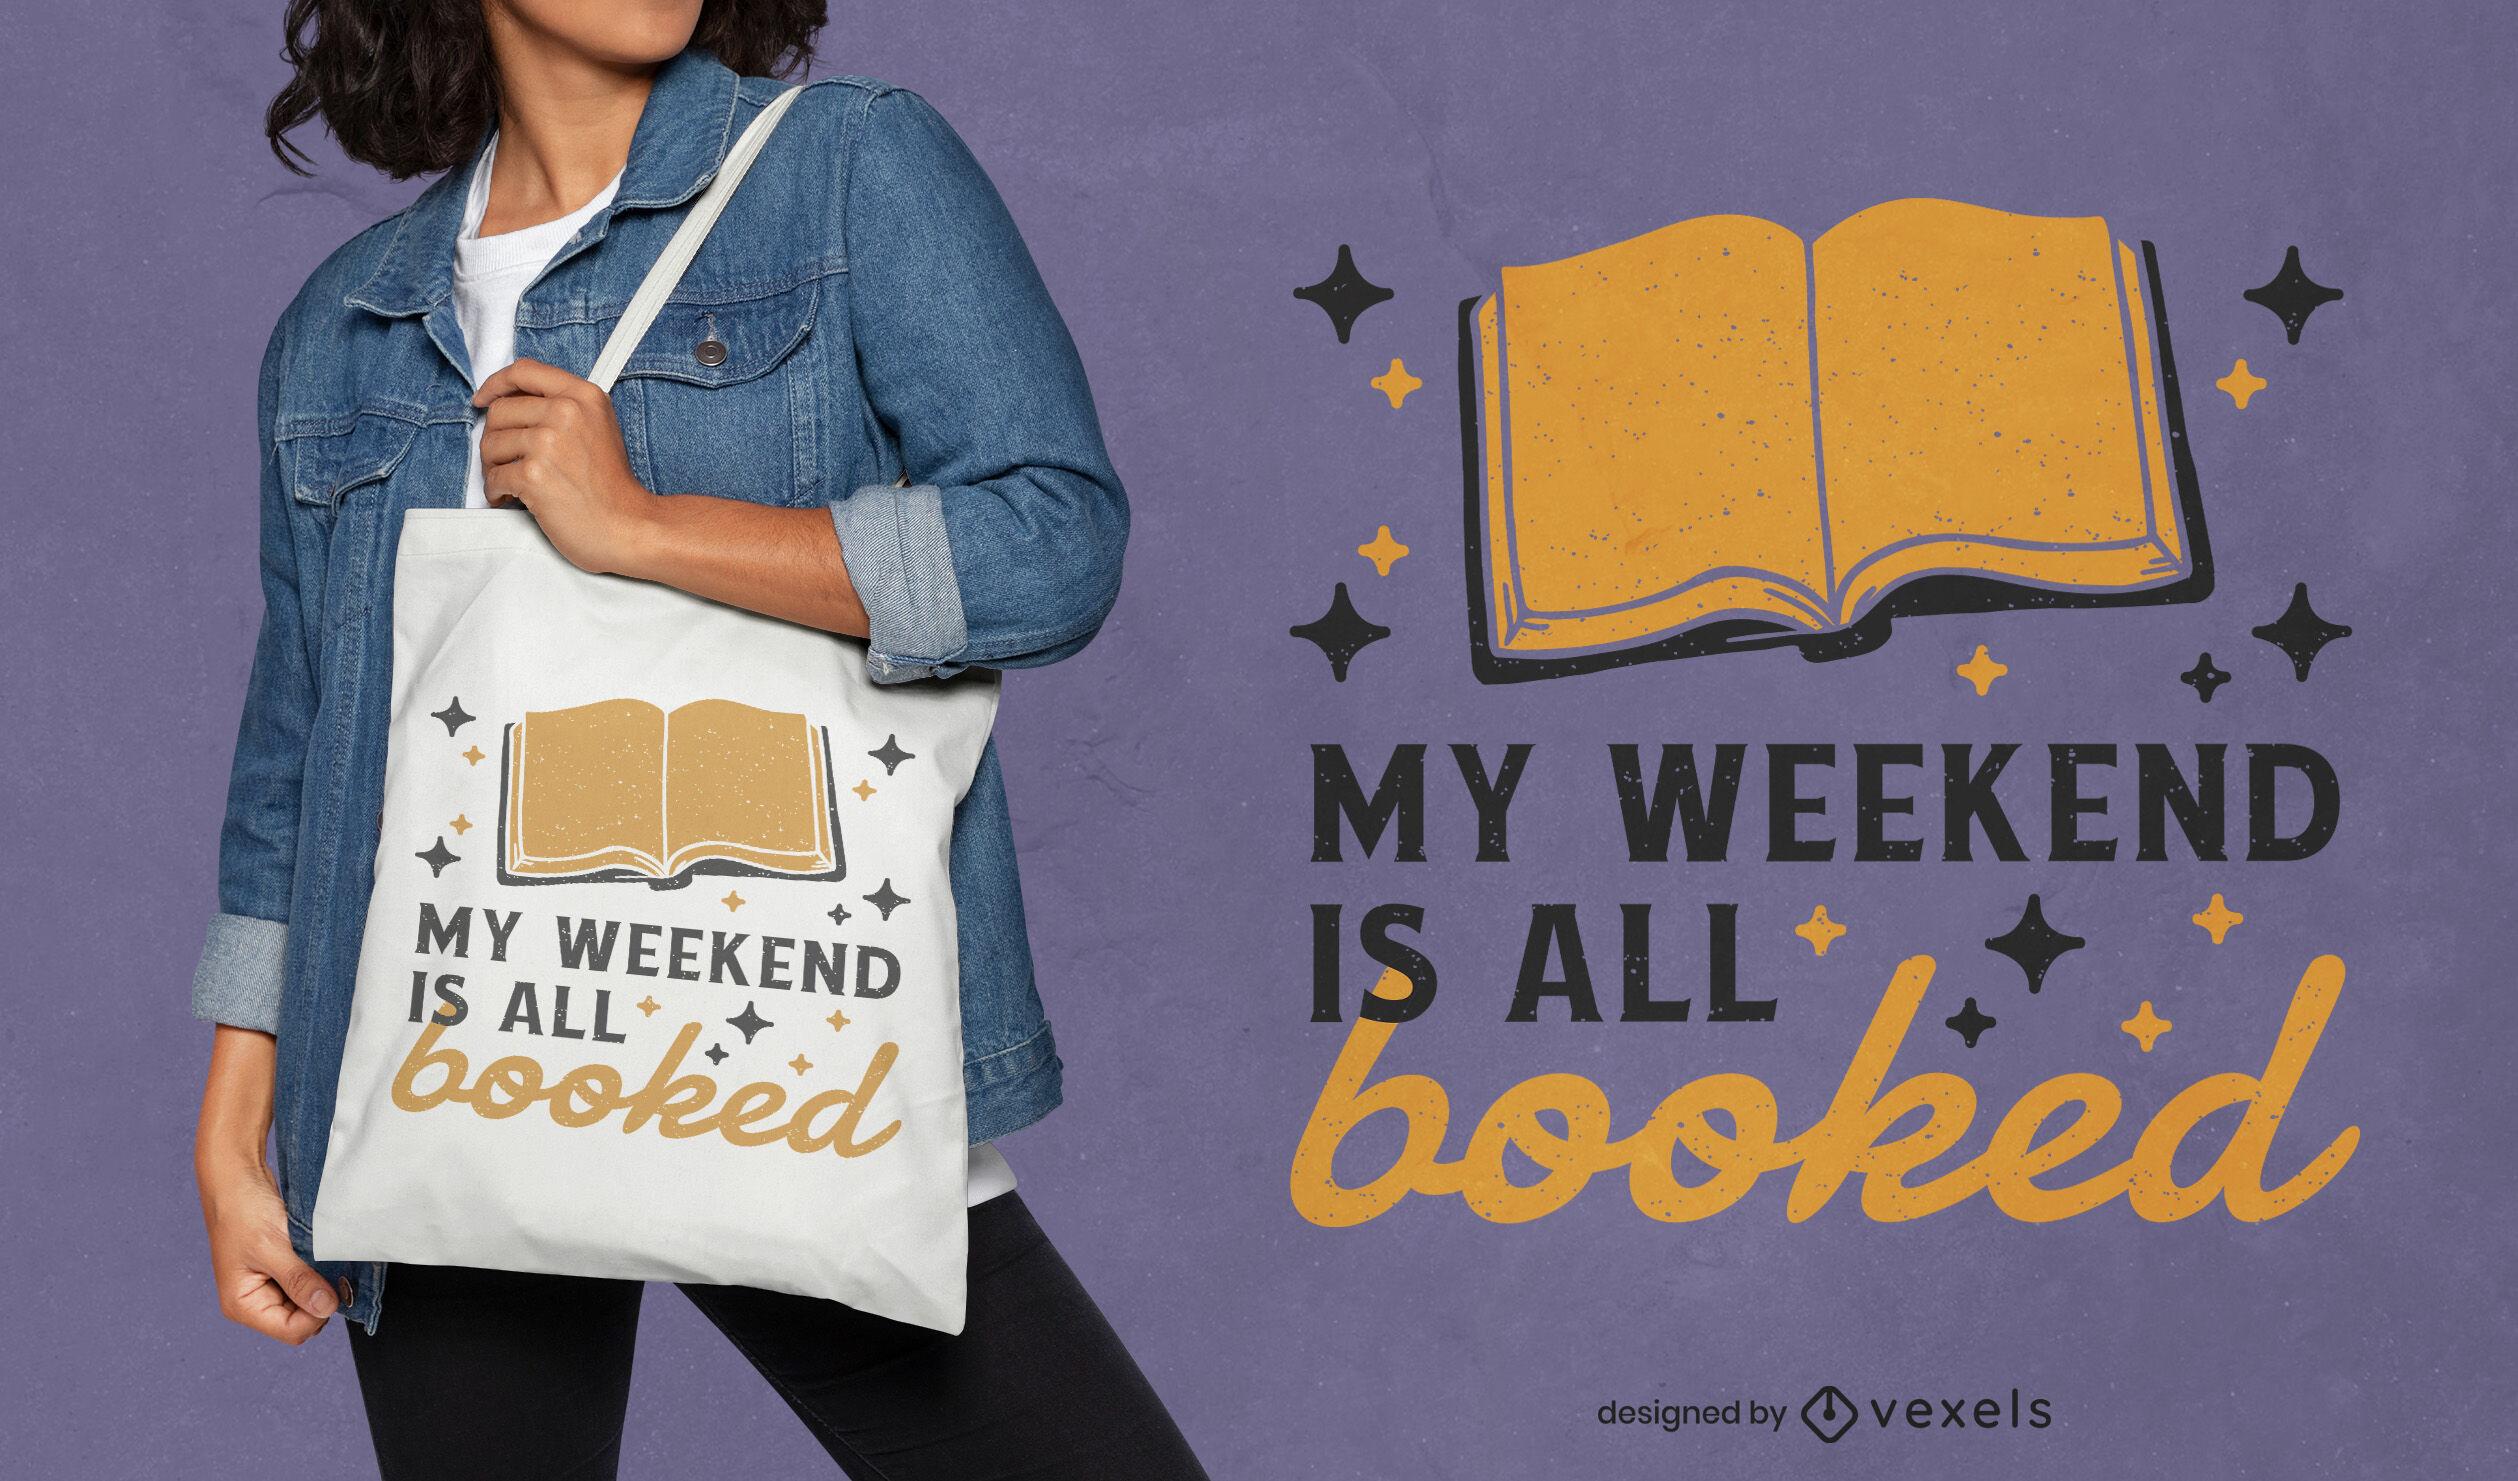 Leer libros hobby retru?cano dise?o de la bolsa de asas